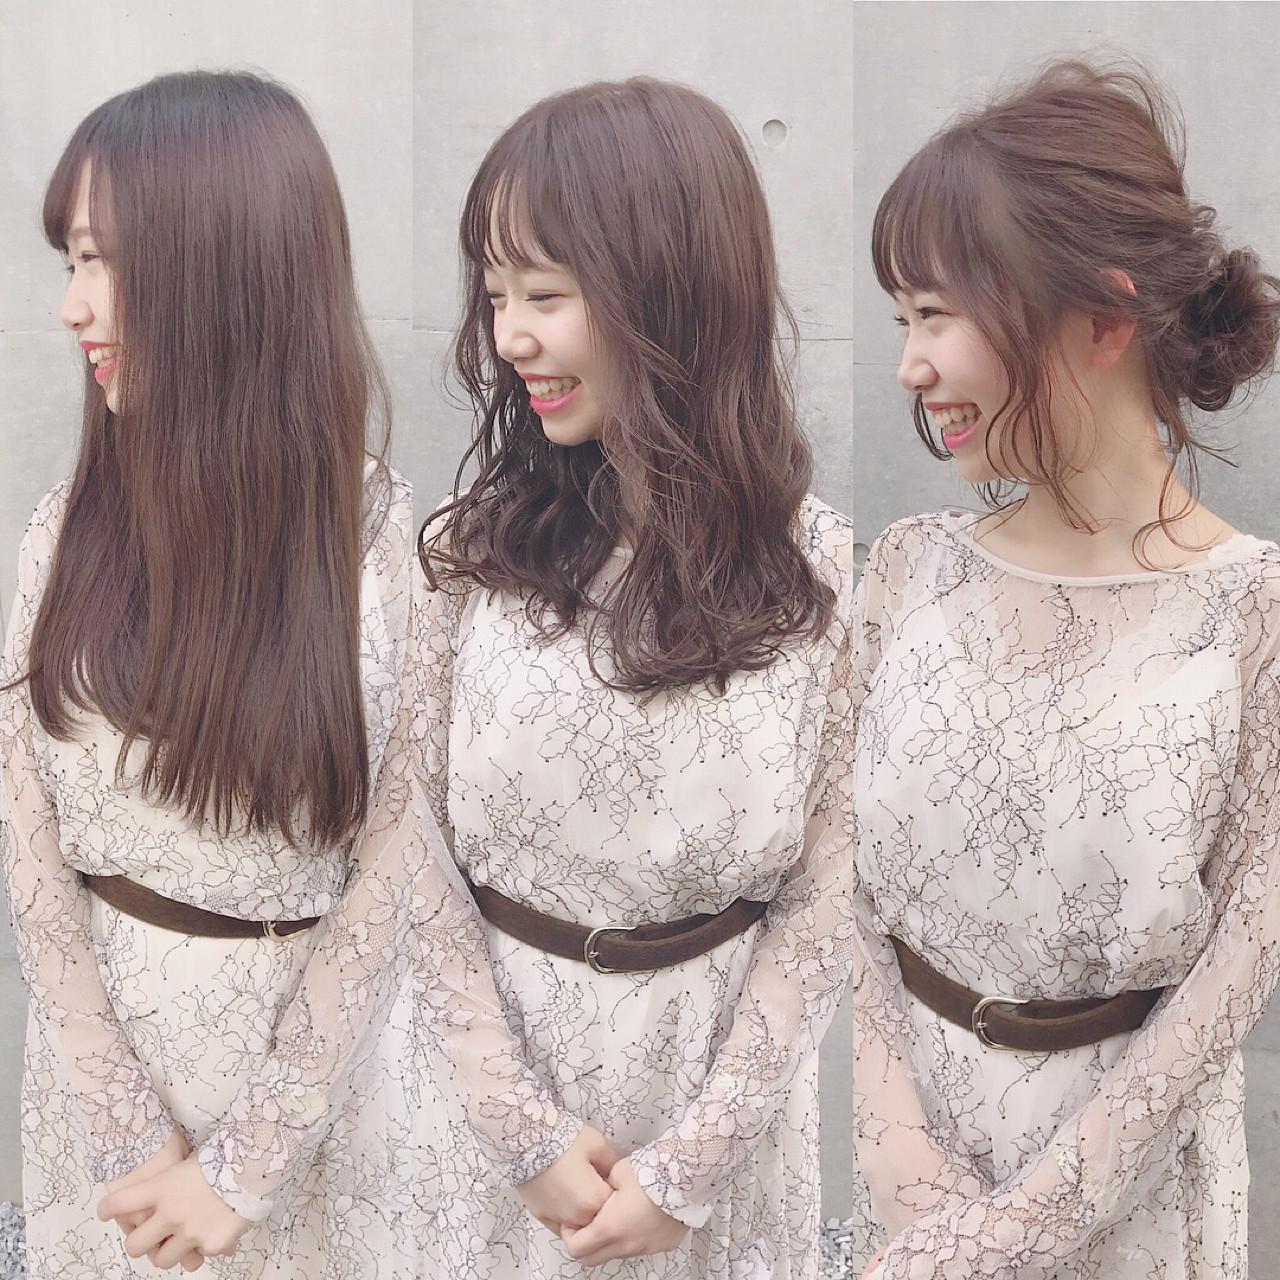 冬 ナチュラル おフェロ ロング ヘアスタイルや髪型の写真・画像 | Wataru Maeda / cache cache